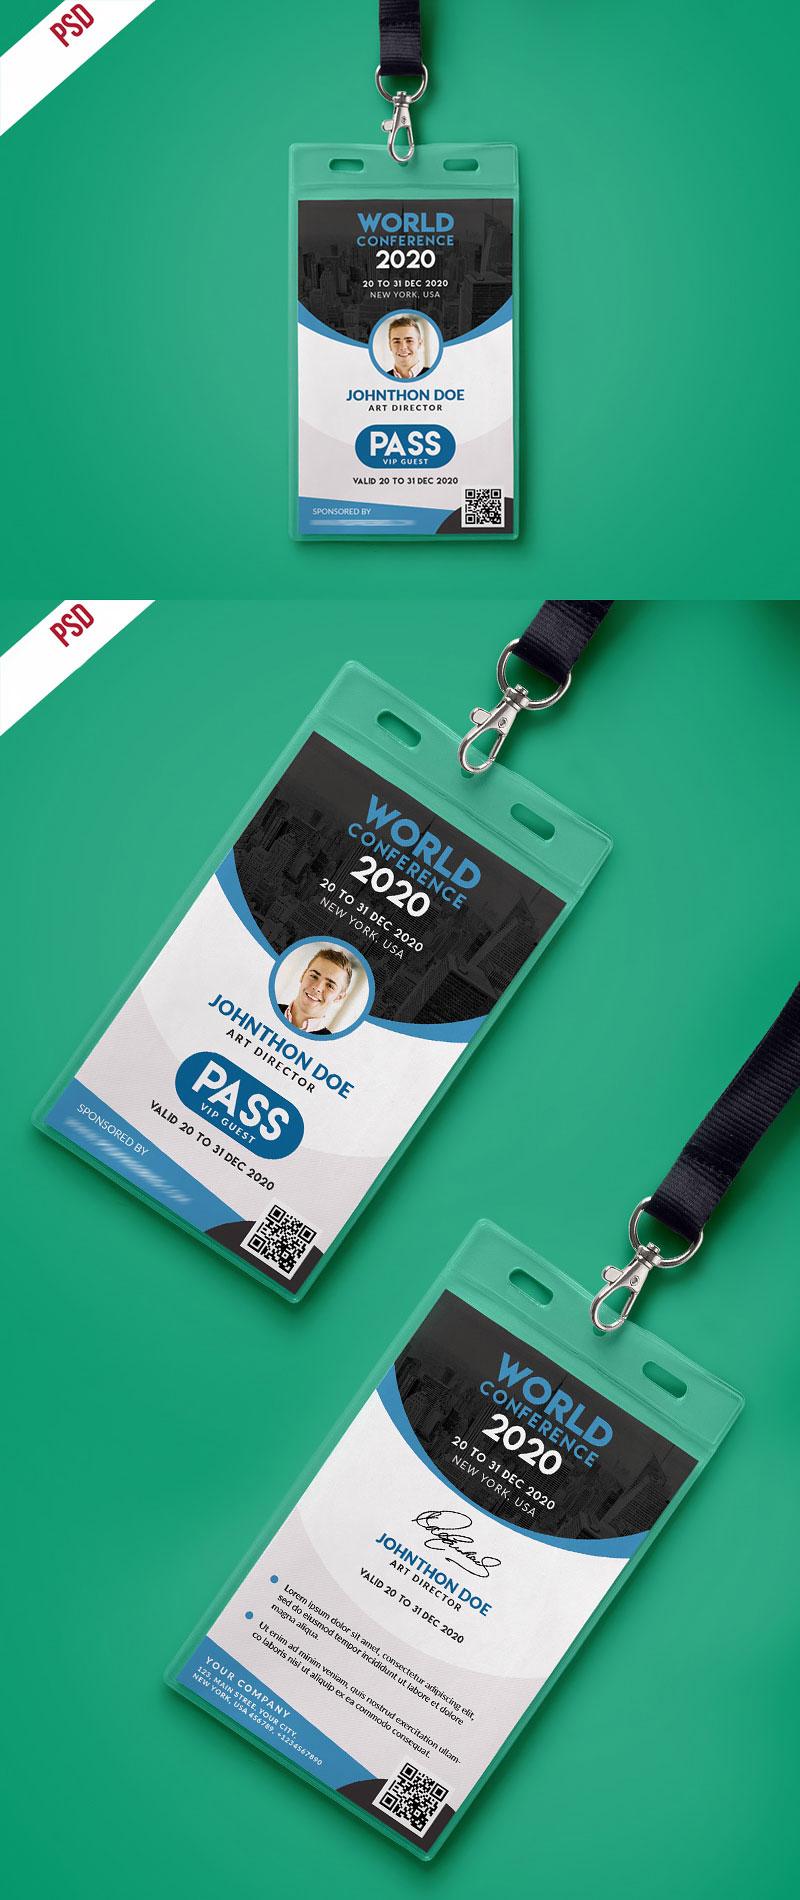 p330 - لایه باز کارت آویز گردن شناسایی همایش و رویداد / کارت شناسایی همایش